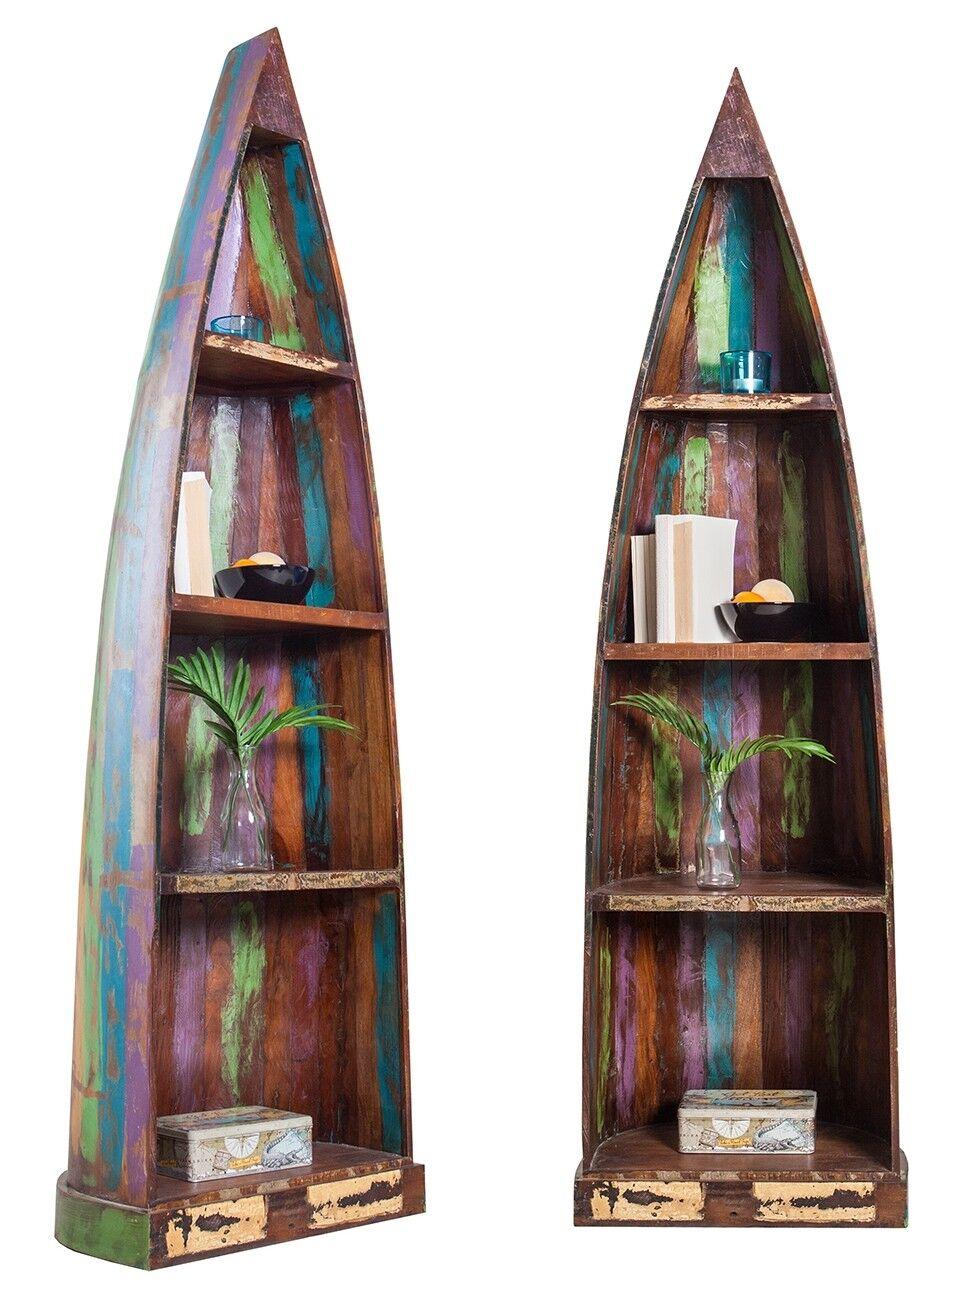 gdegdesign Bibliothèque étagère barque en bois laqué multicolore - Ken